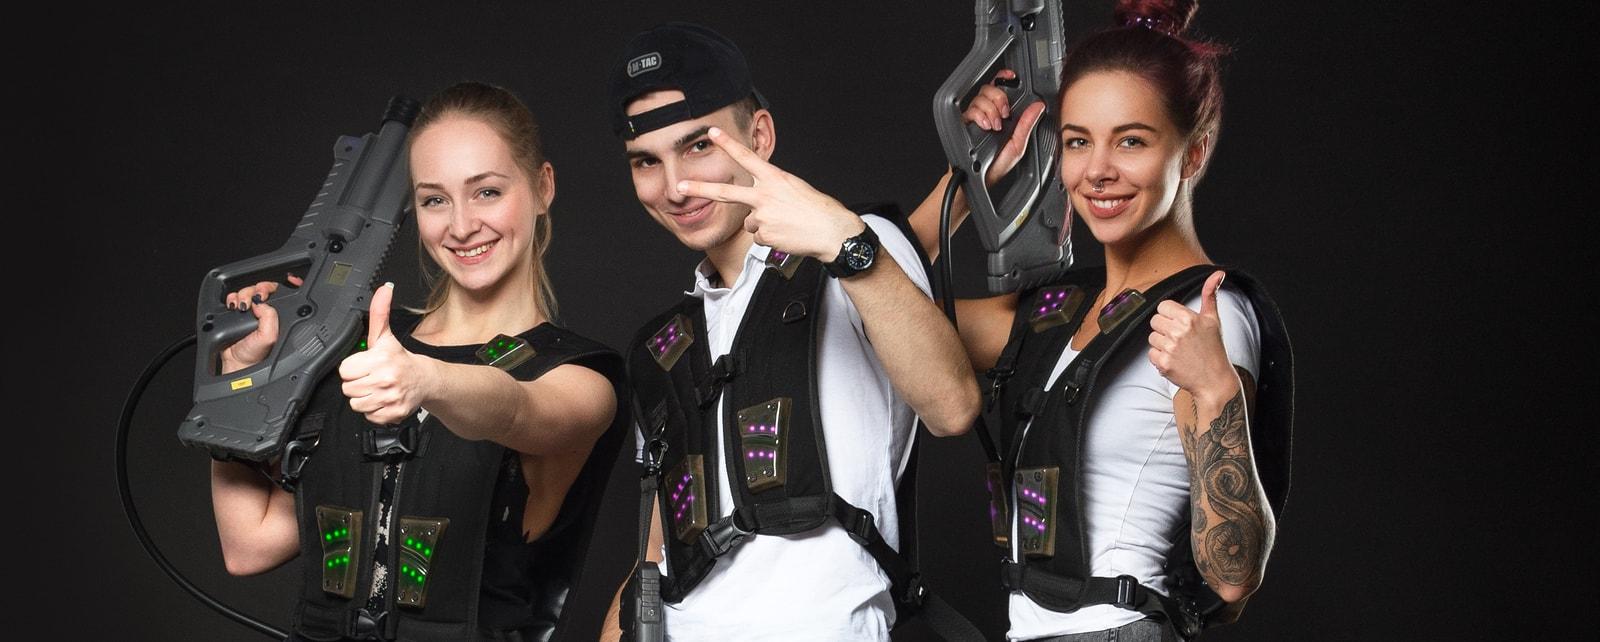 Уже вторая лазертаг-арена в Харькове!